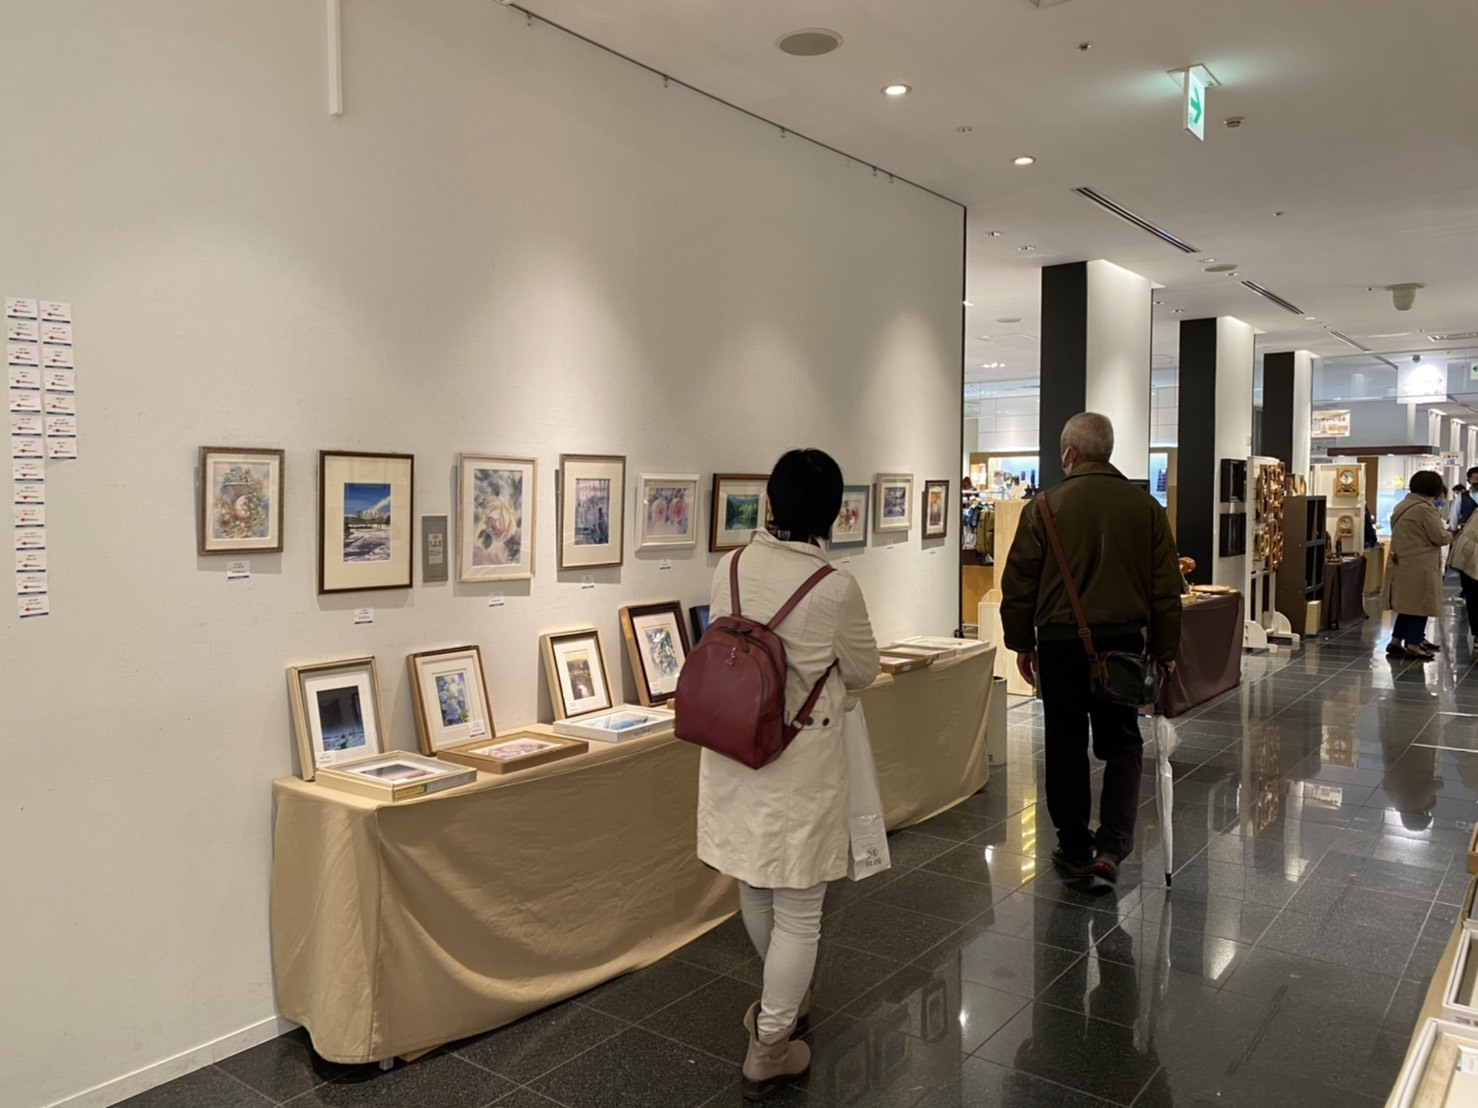 JWS日本透明水彩会展 4/14~4/20_f0176370_12562151.jpg